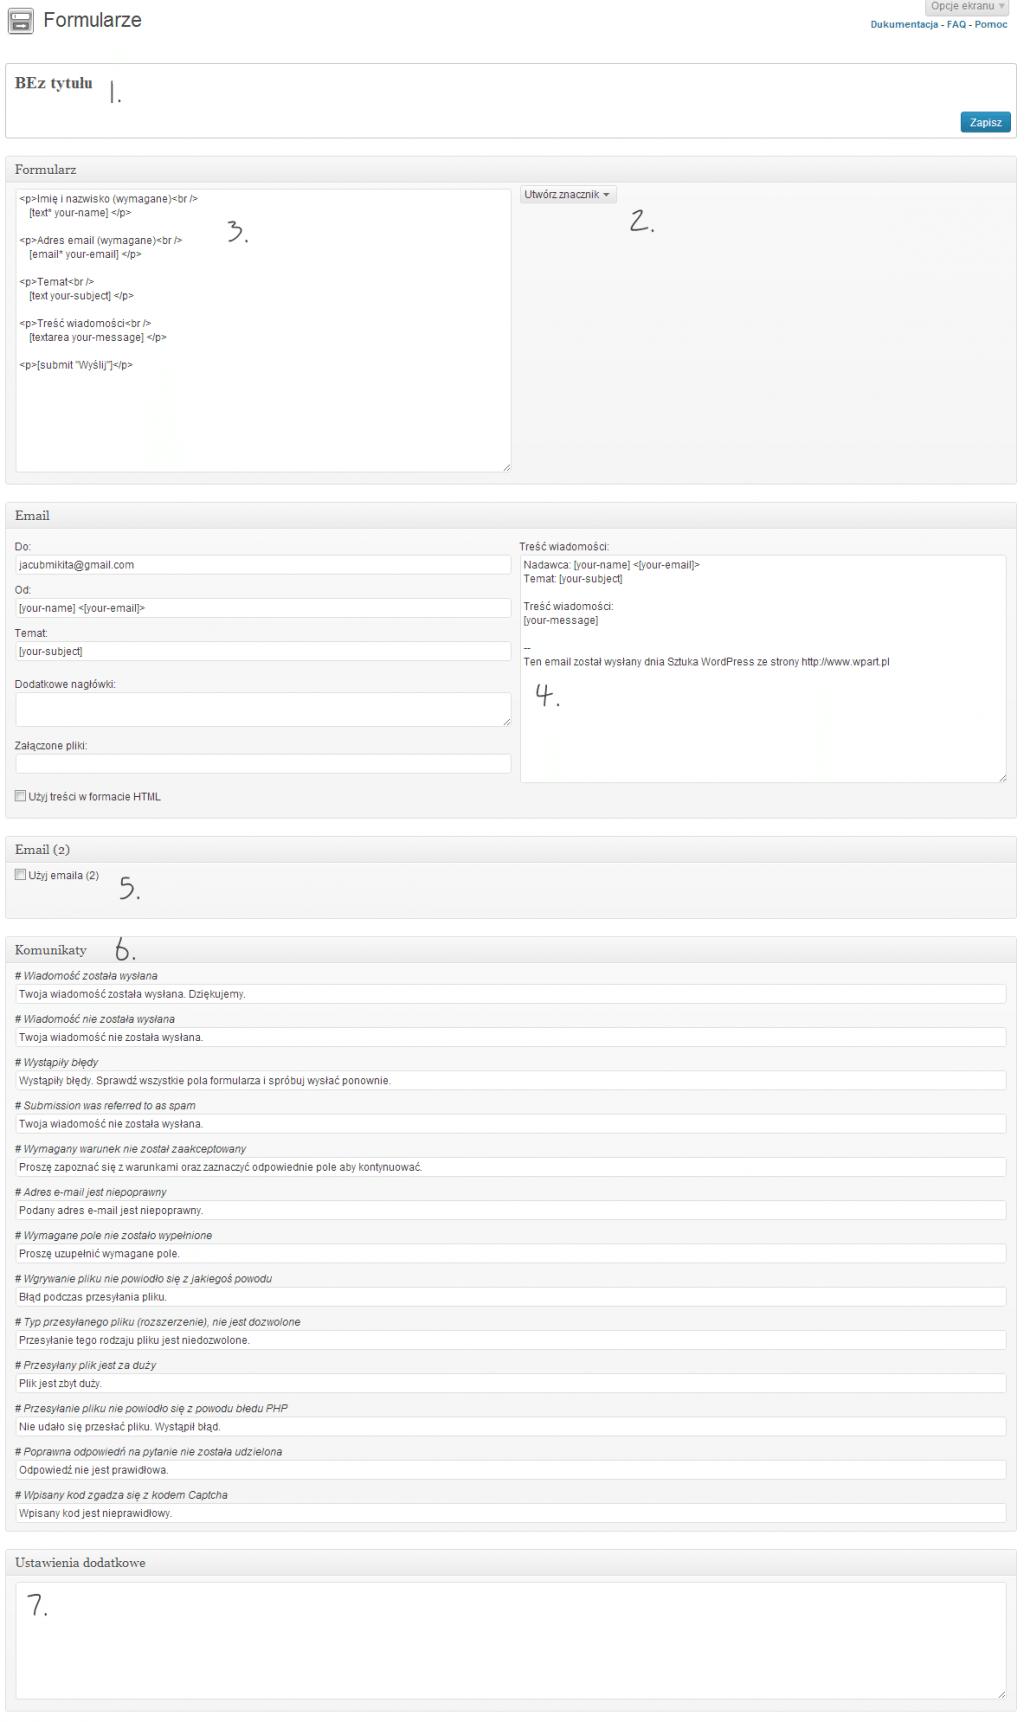 Formularze - komponowanie formularza